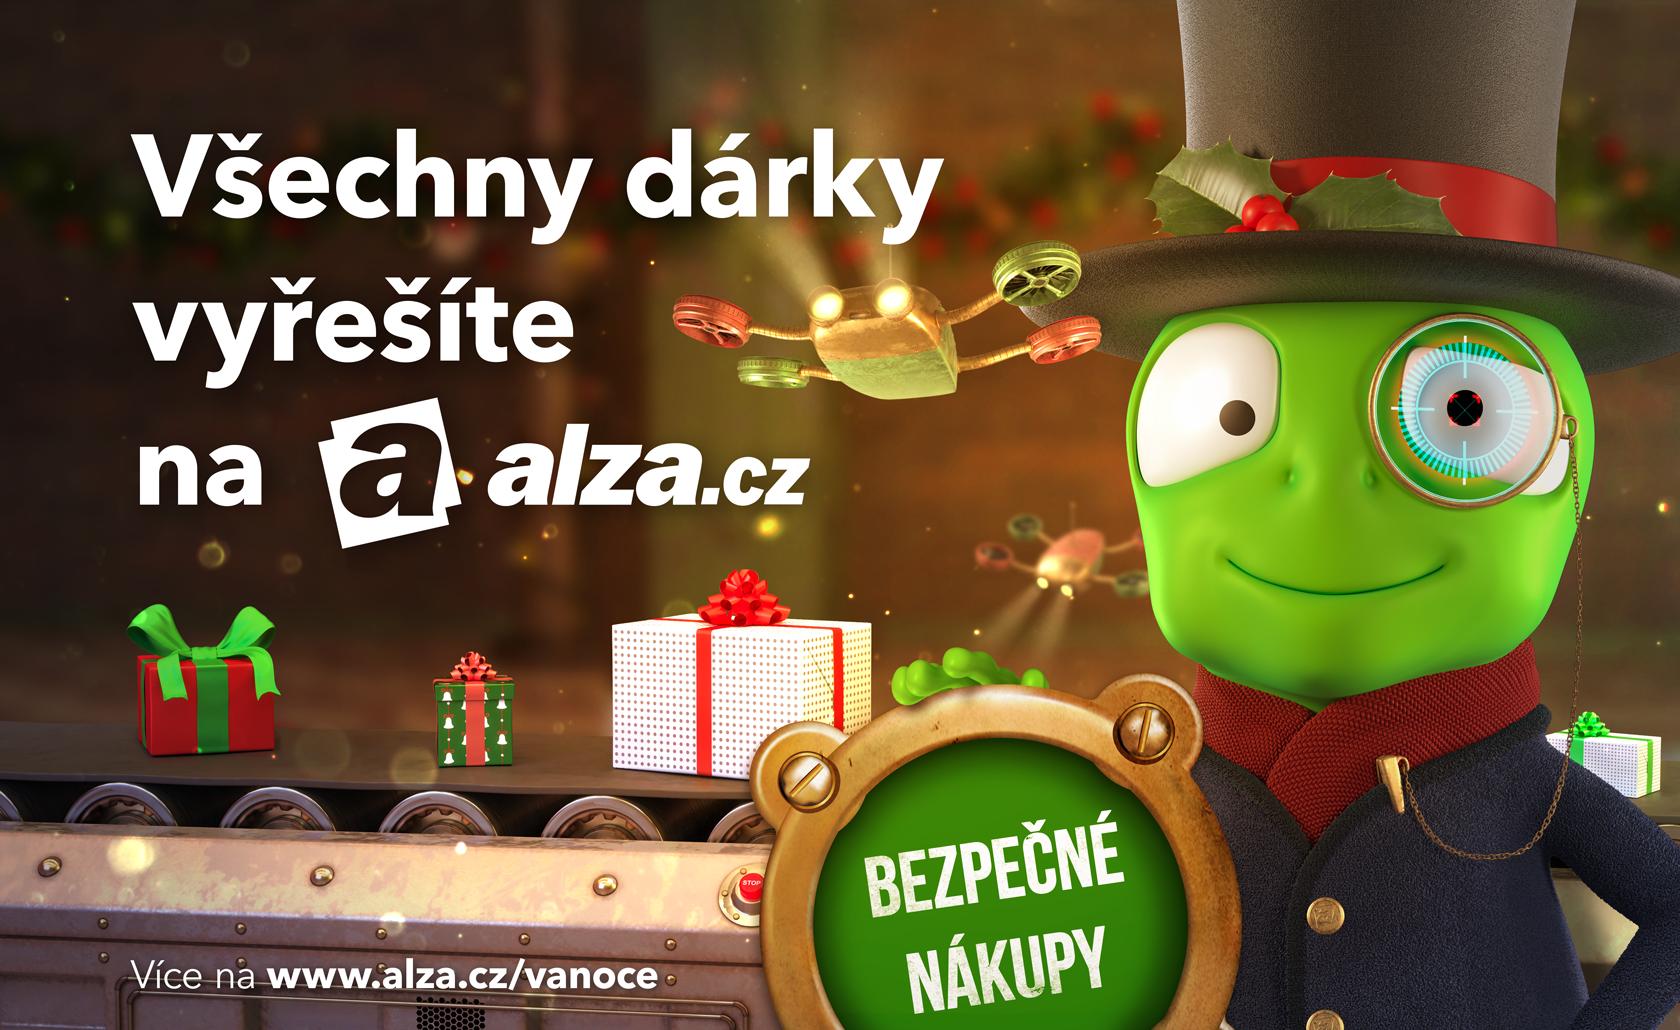 Klíčový vizuál k letošní vánoční kampani e-shopu Alza.cz, zdroj: Alza.cz